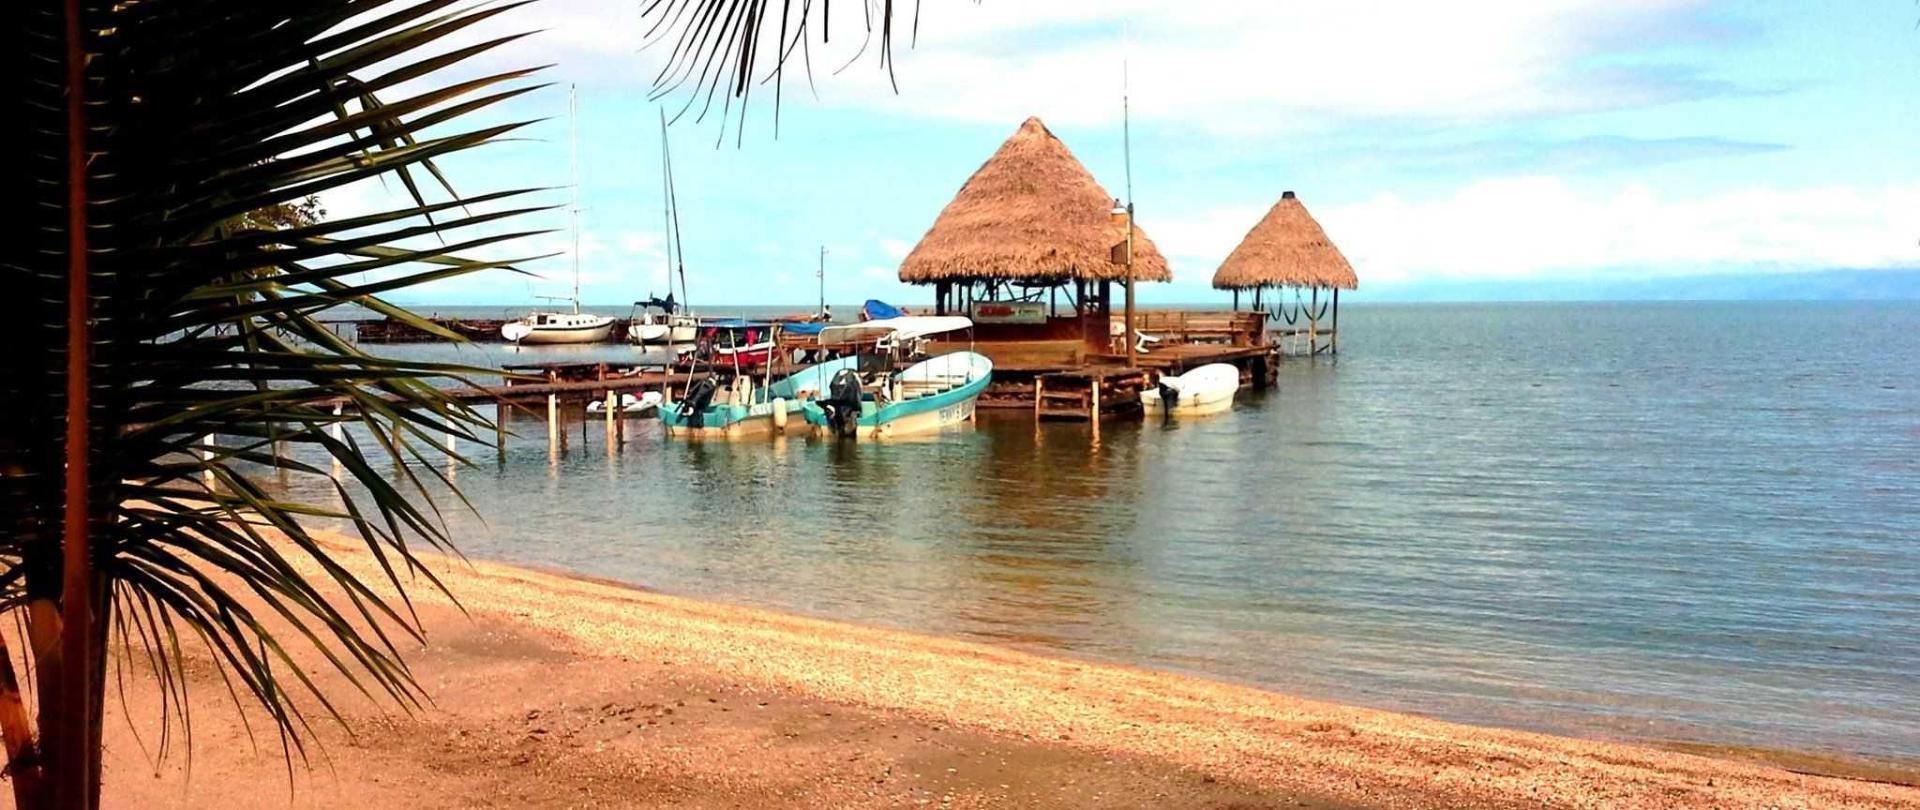 playa-y-muelle-2.jpg